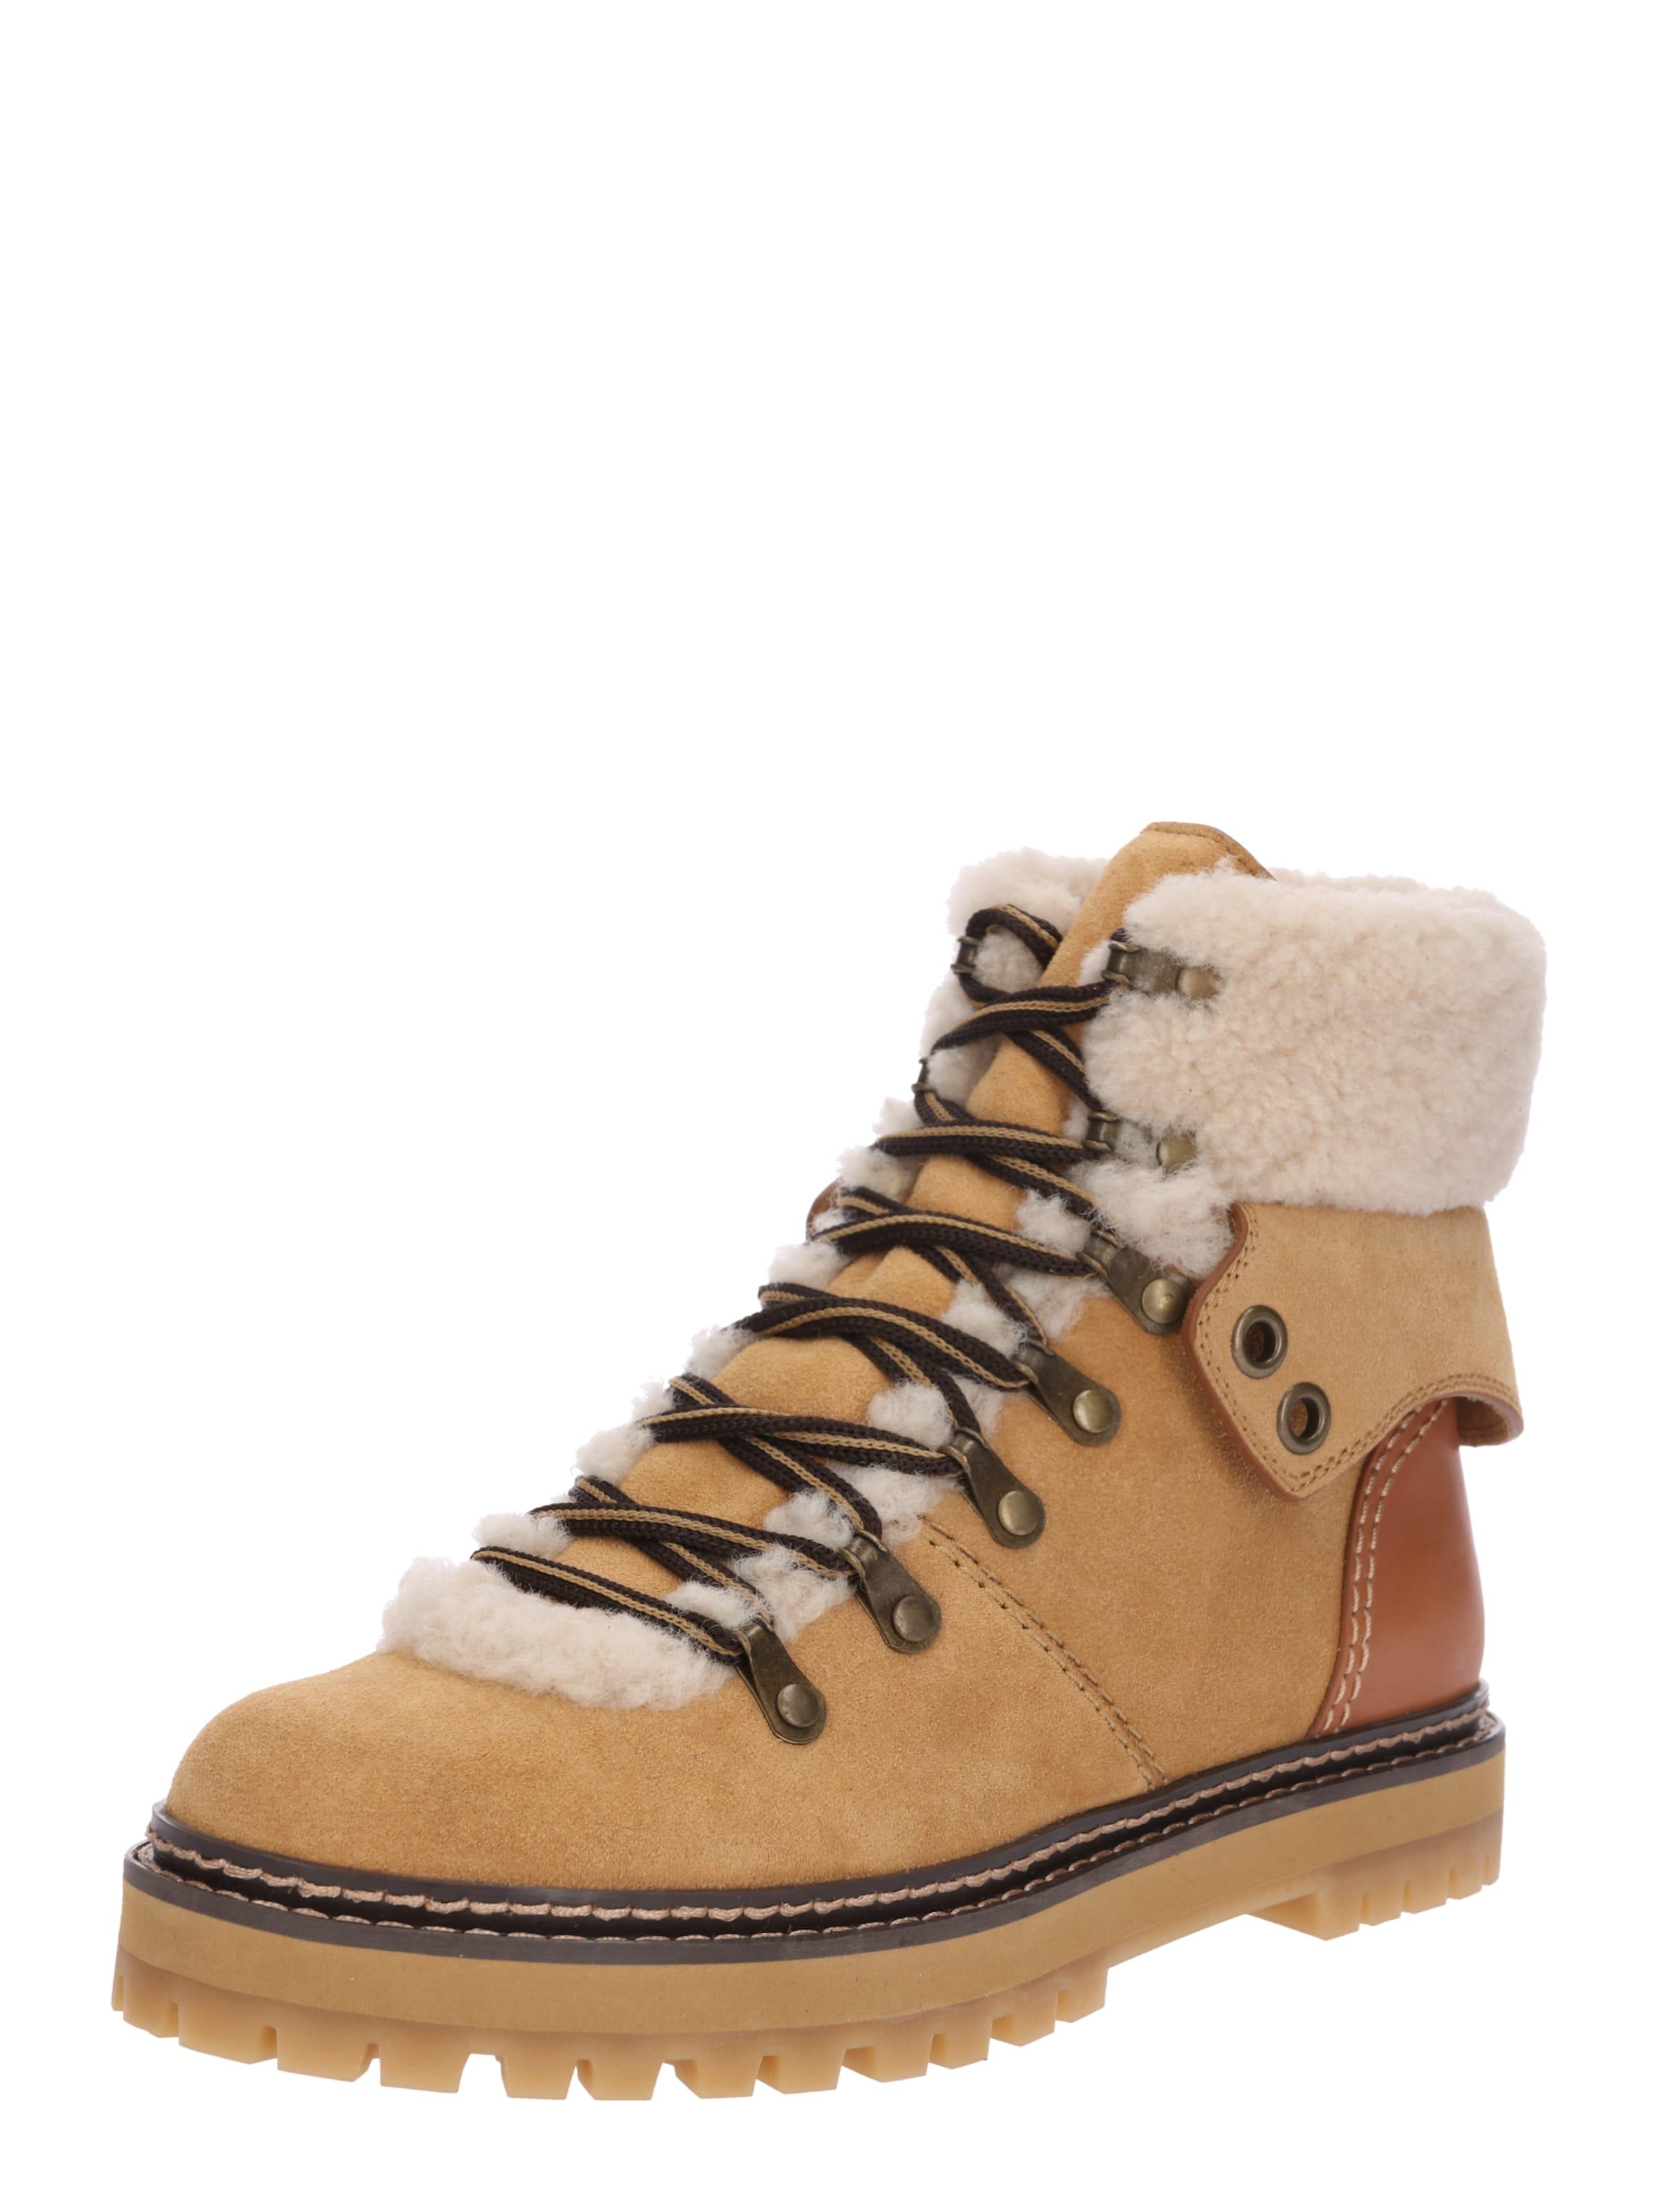 SEE BY CHLOE Stiefelette Verschleißfeste billige Schuhe